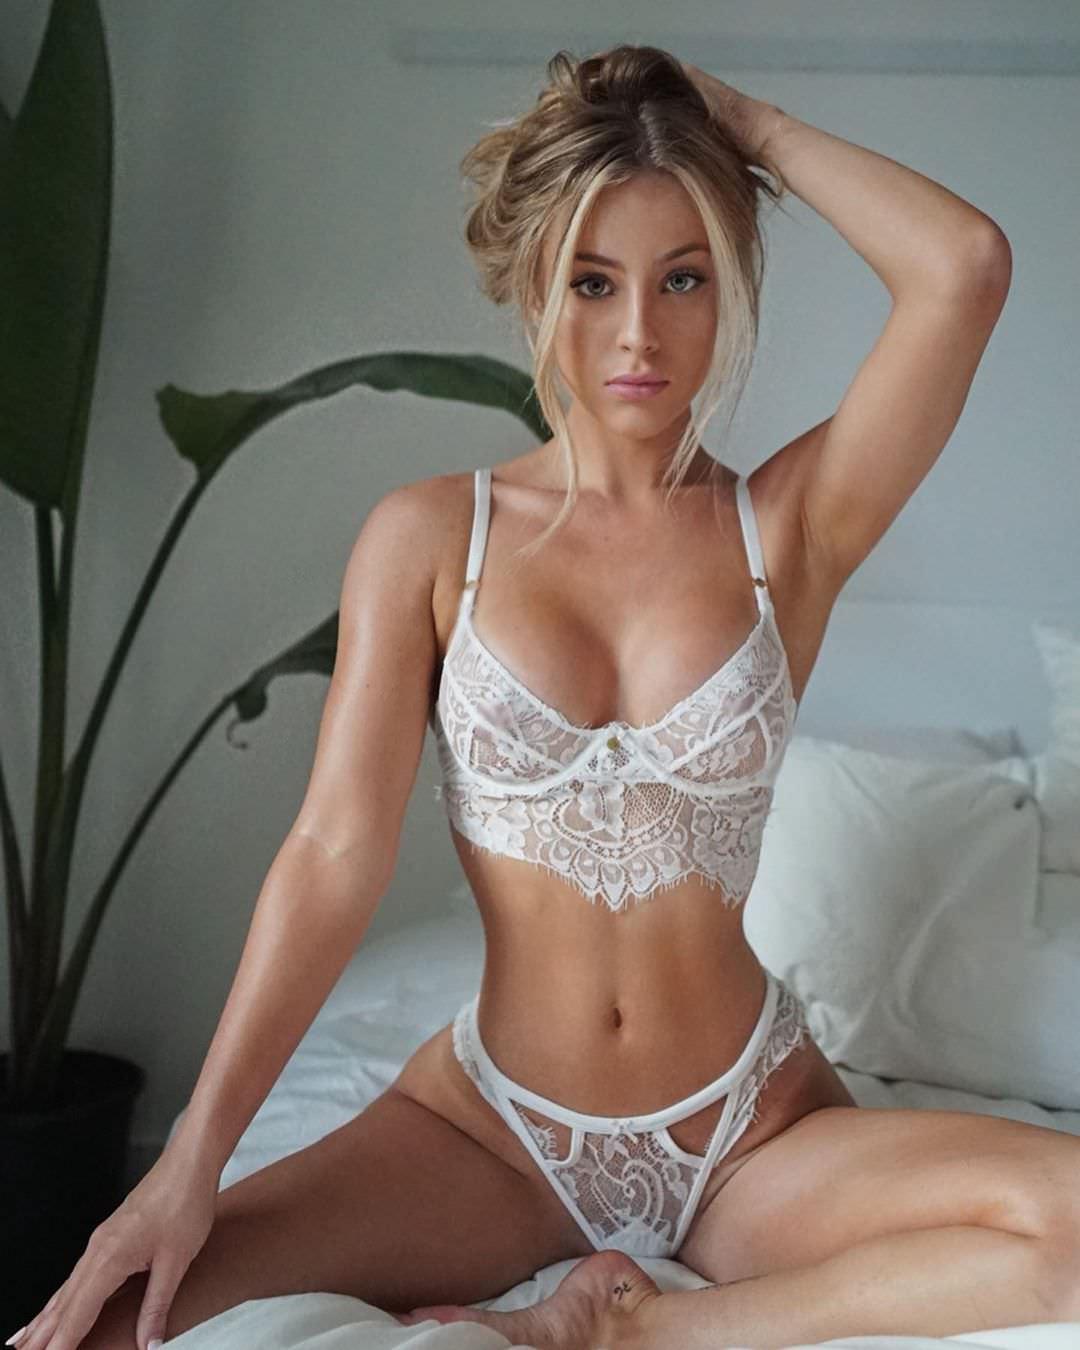 Дейзи Кич фото на кровати